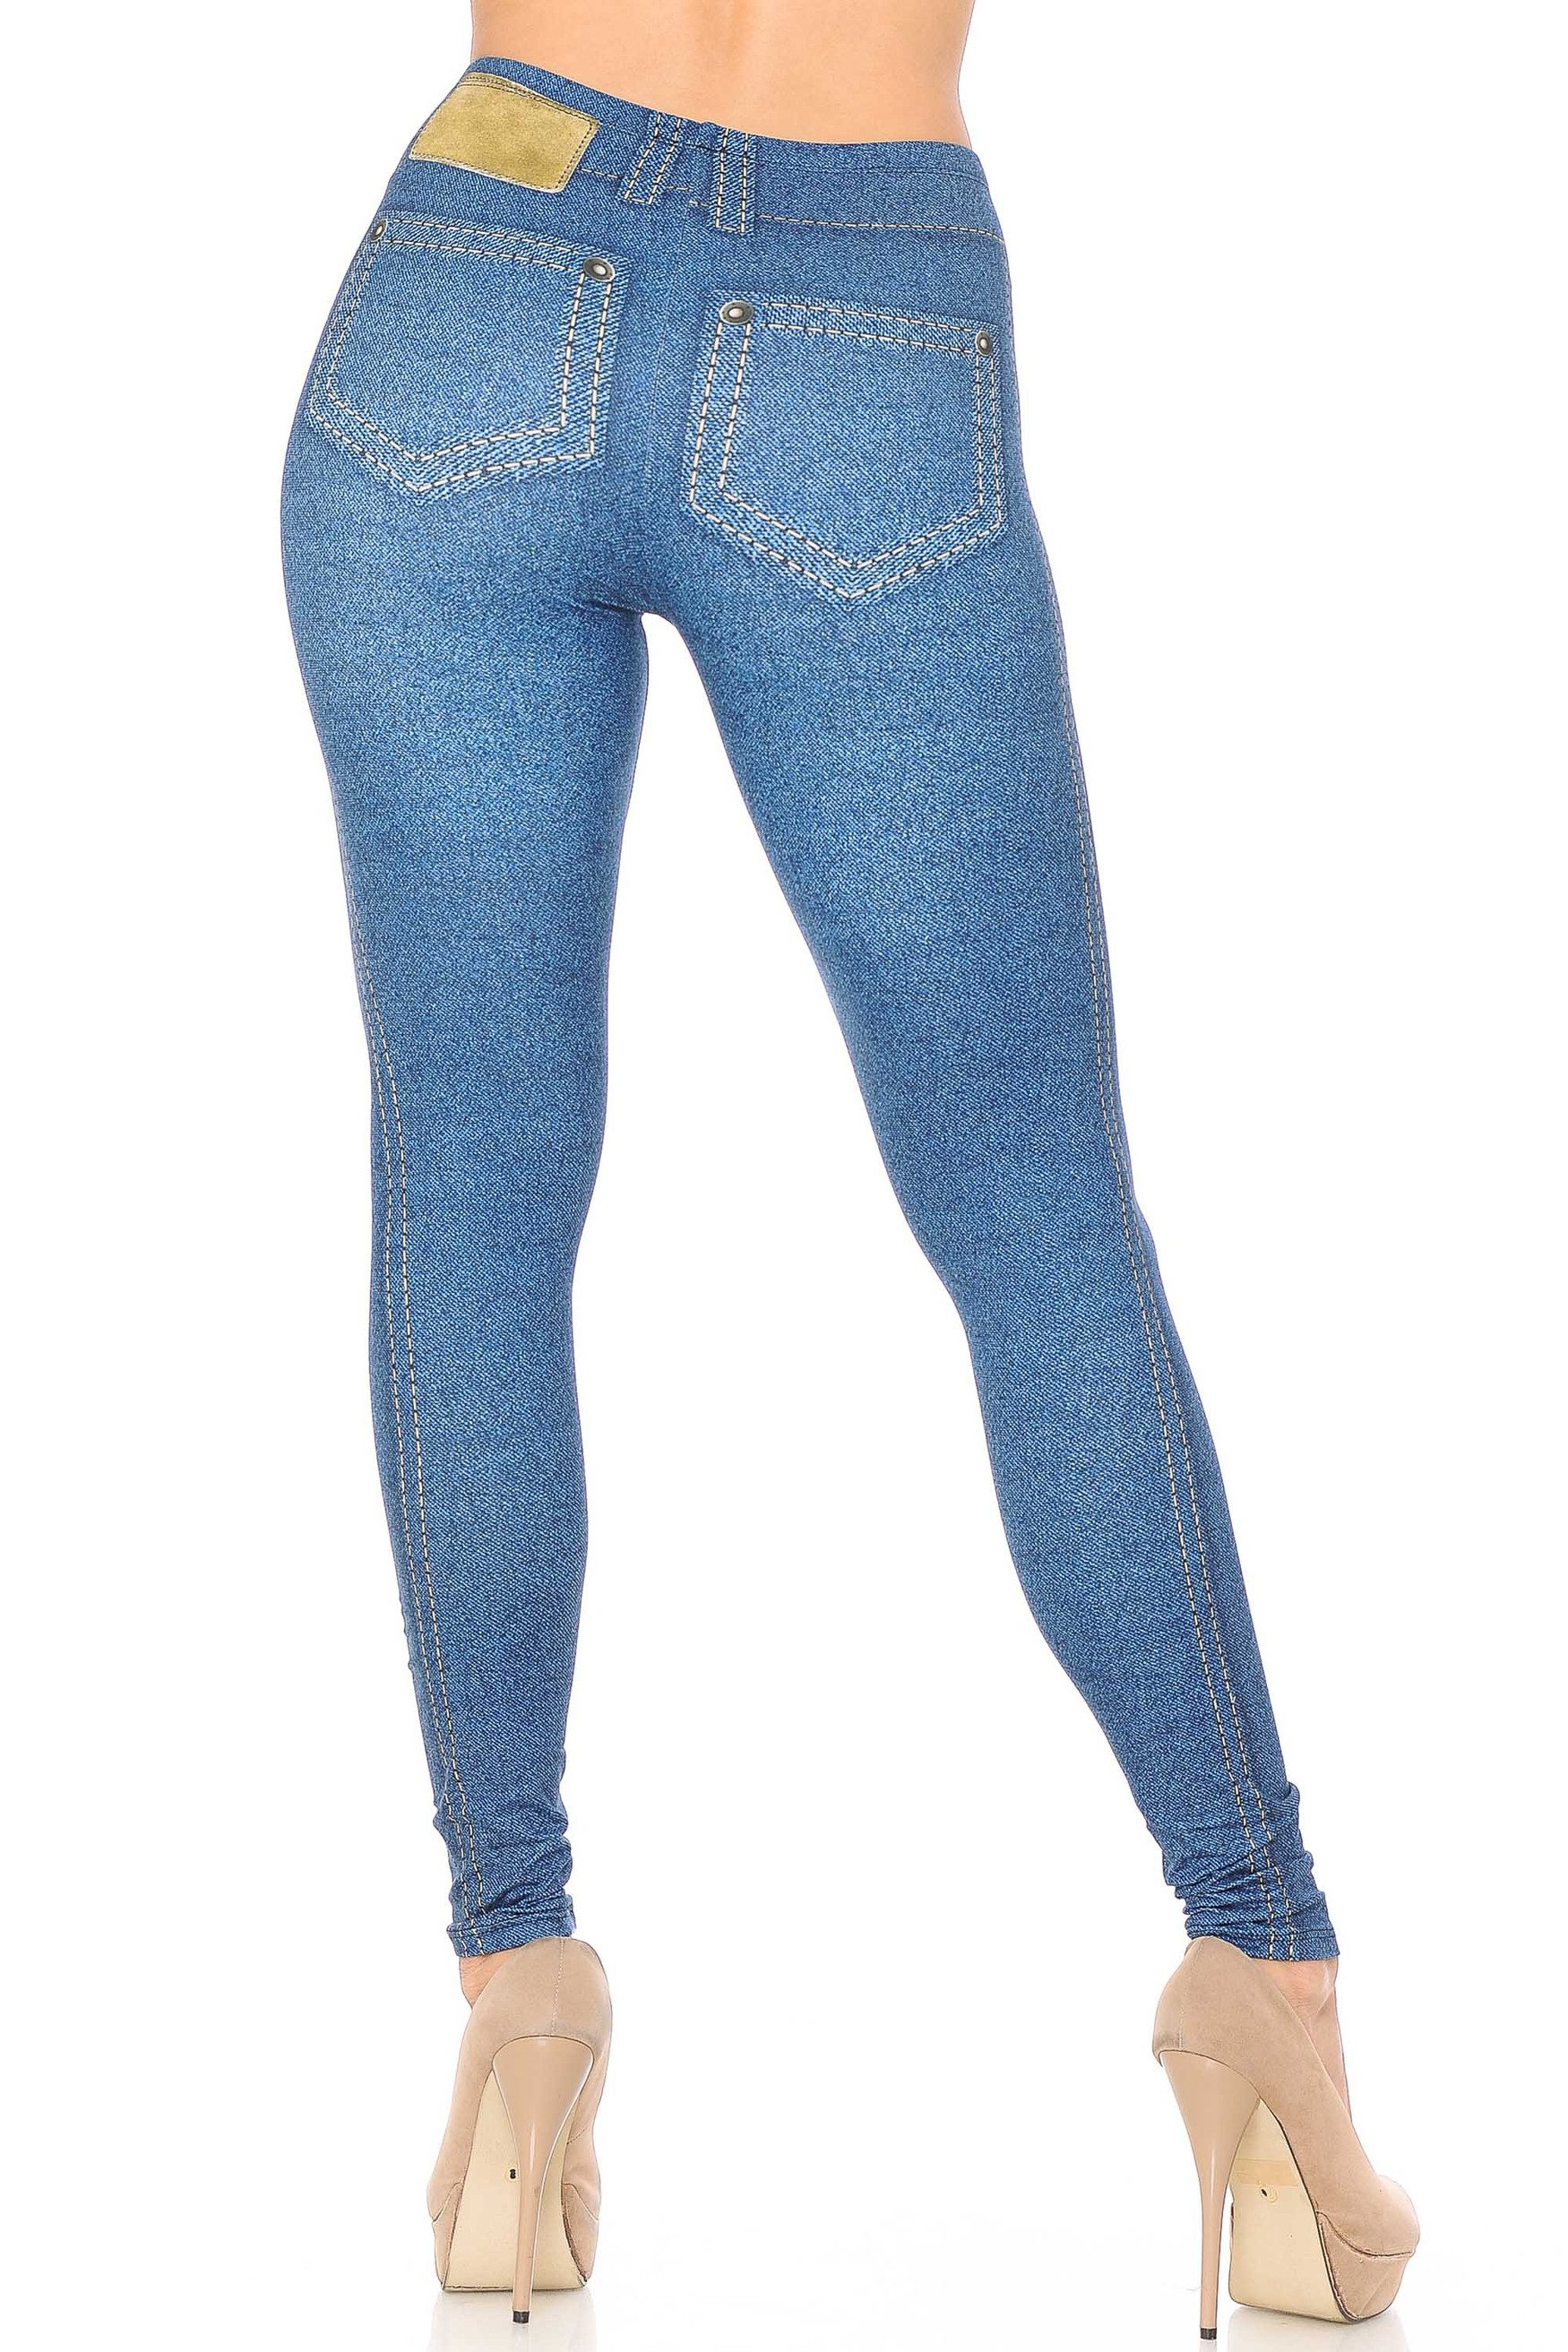 Creamy Soft Dark Blue Denim Jean Leggings - By USA Fashion™